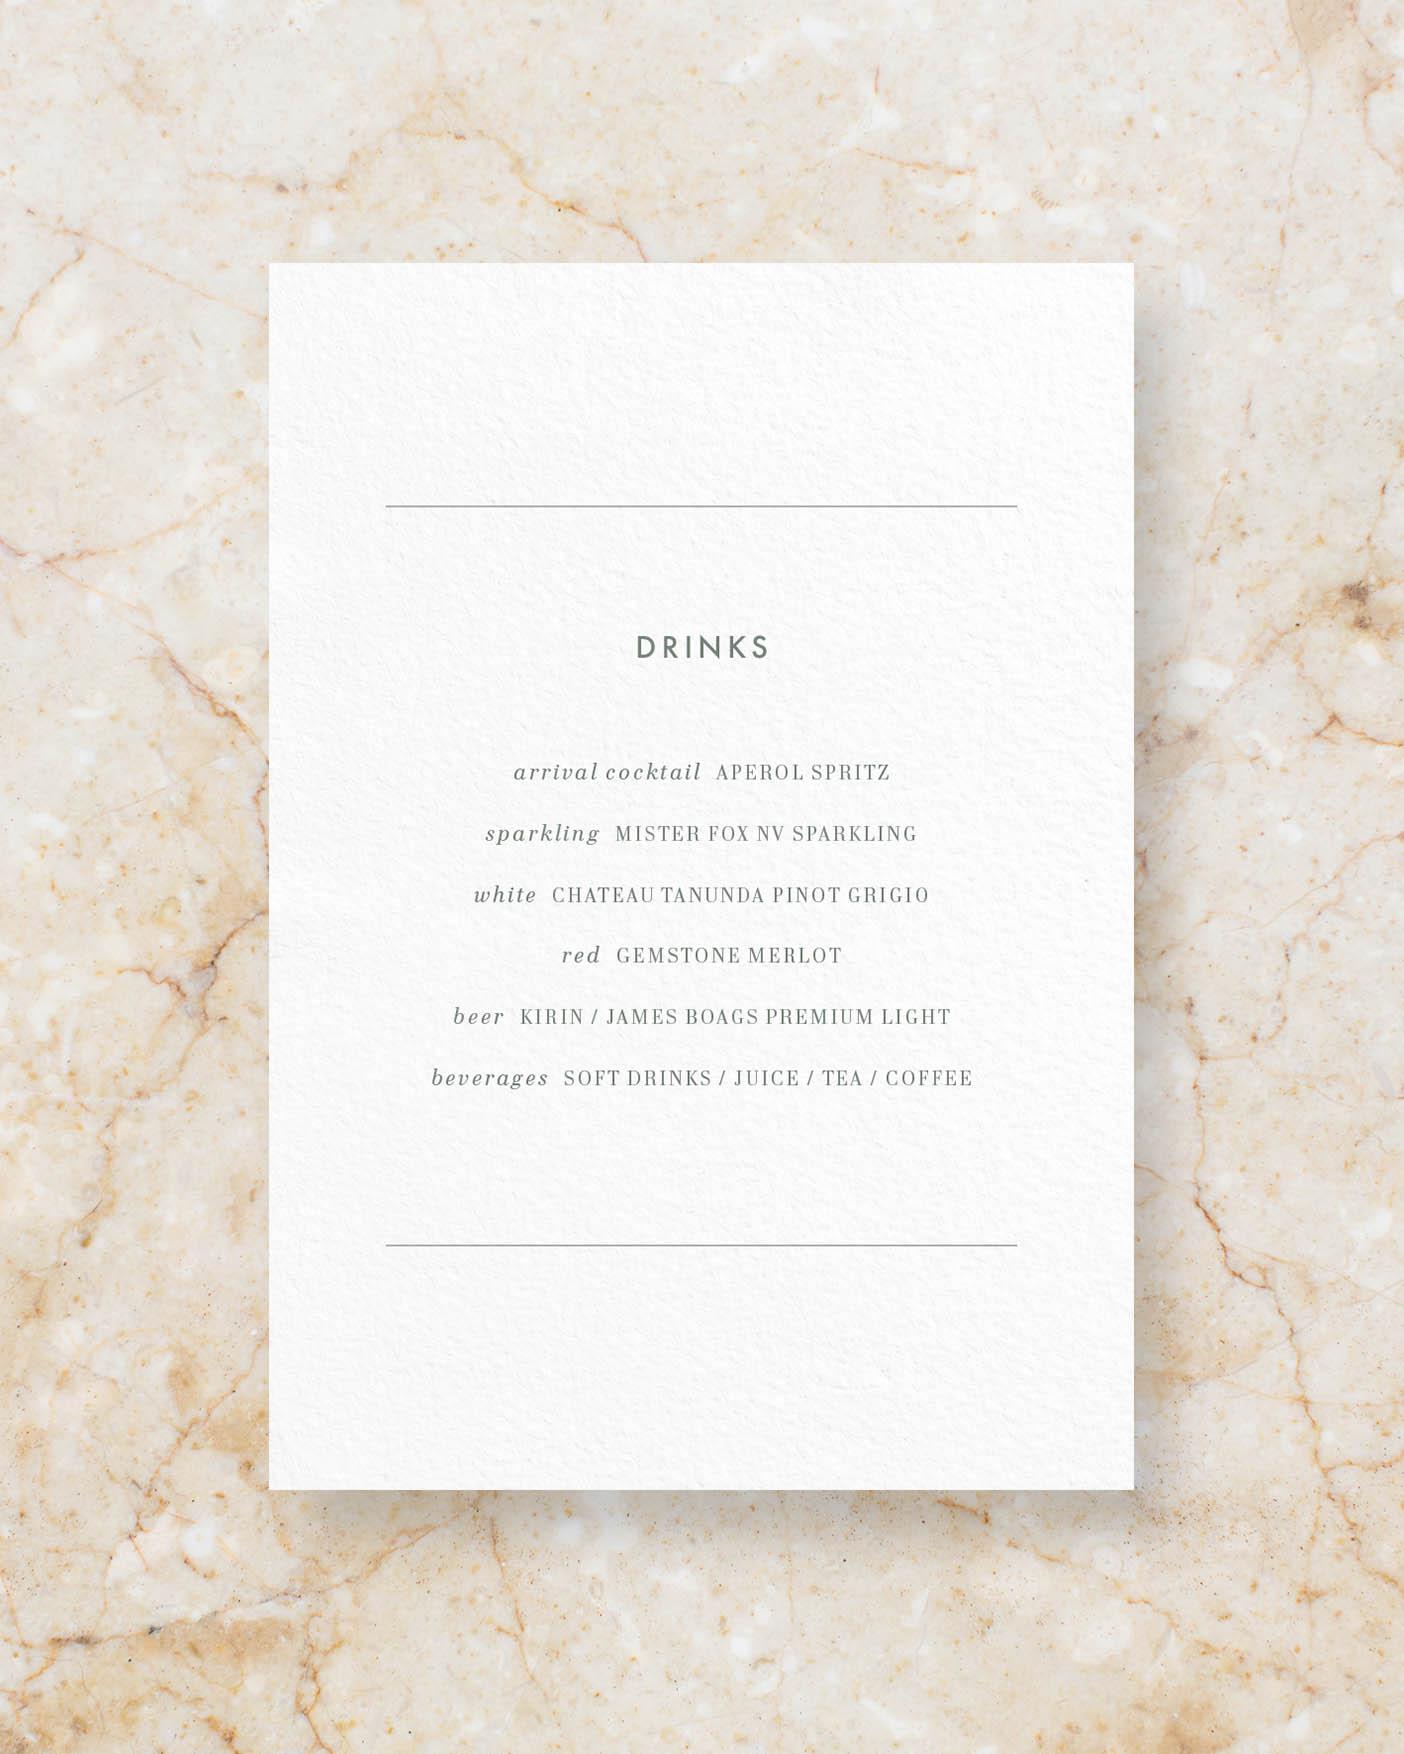 Drinks menu A5 - White